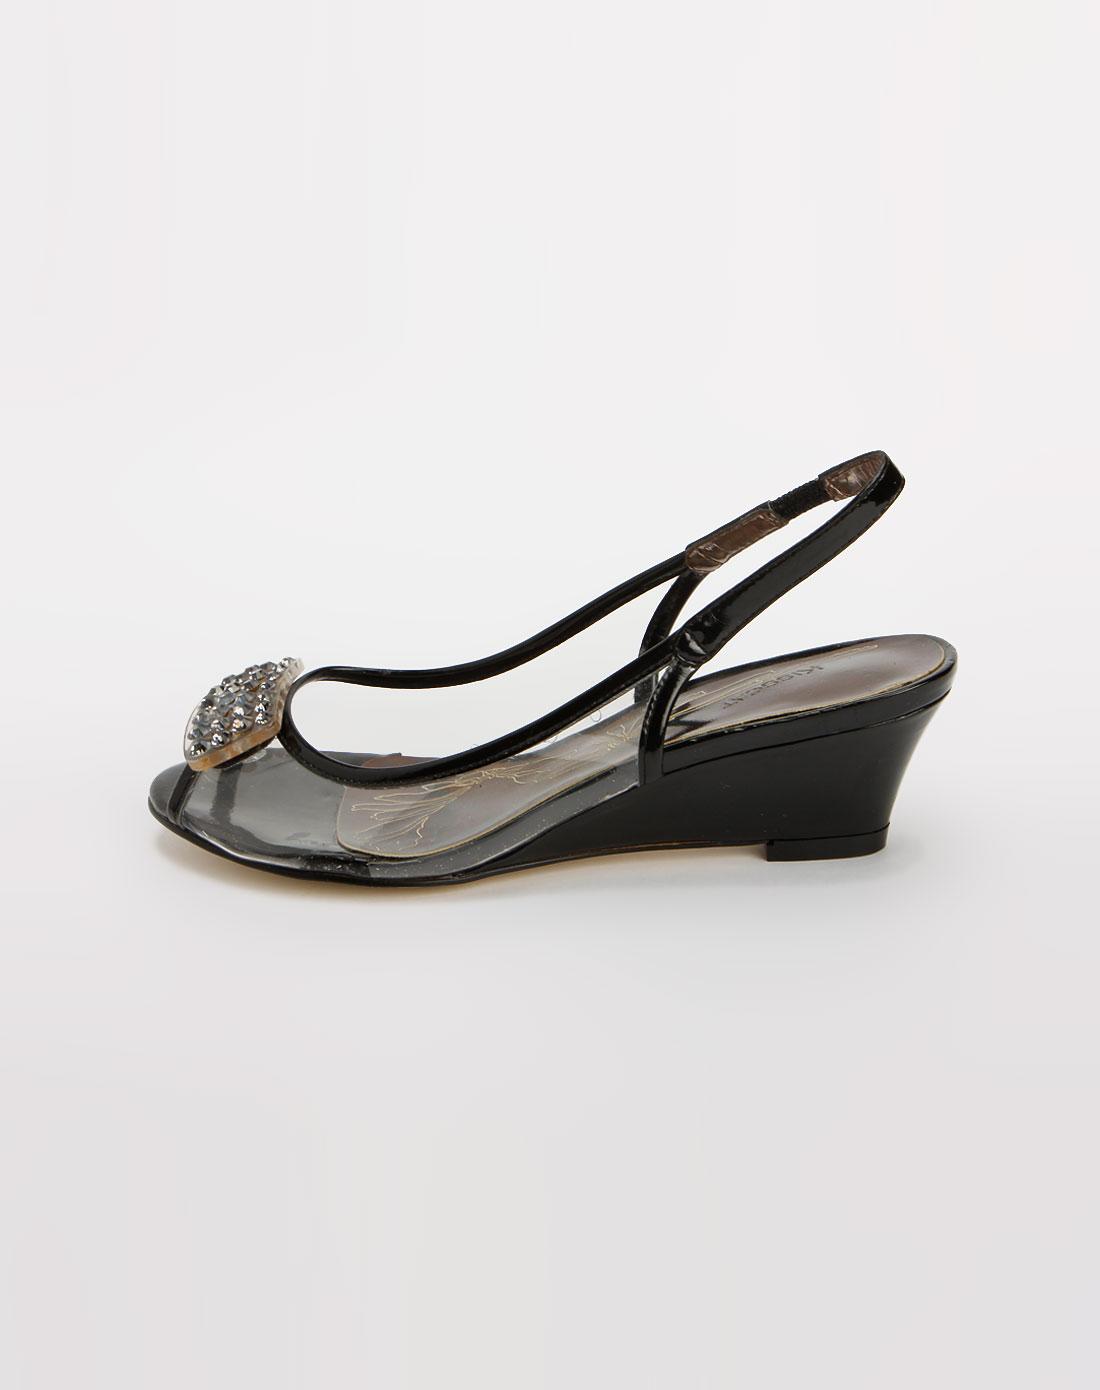 kisscat透明/黑色时尚坡跟凉鞋